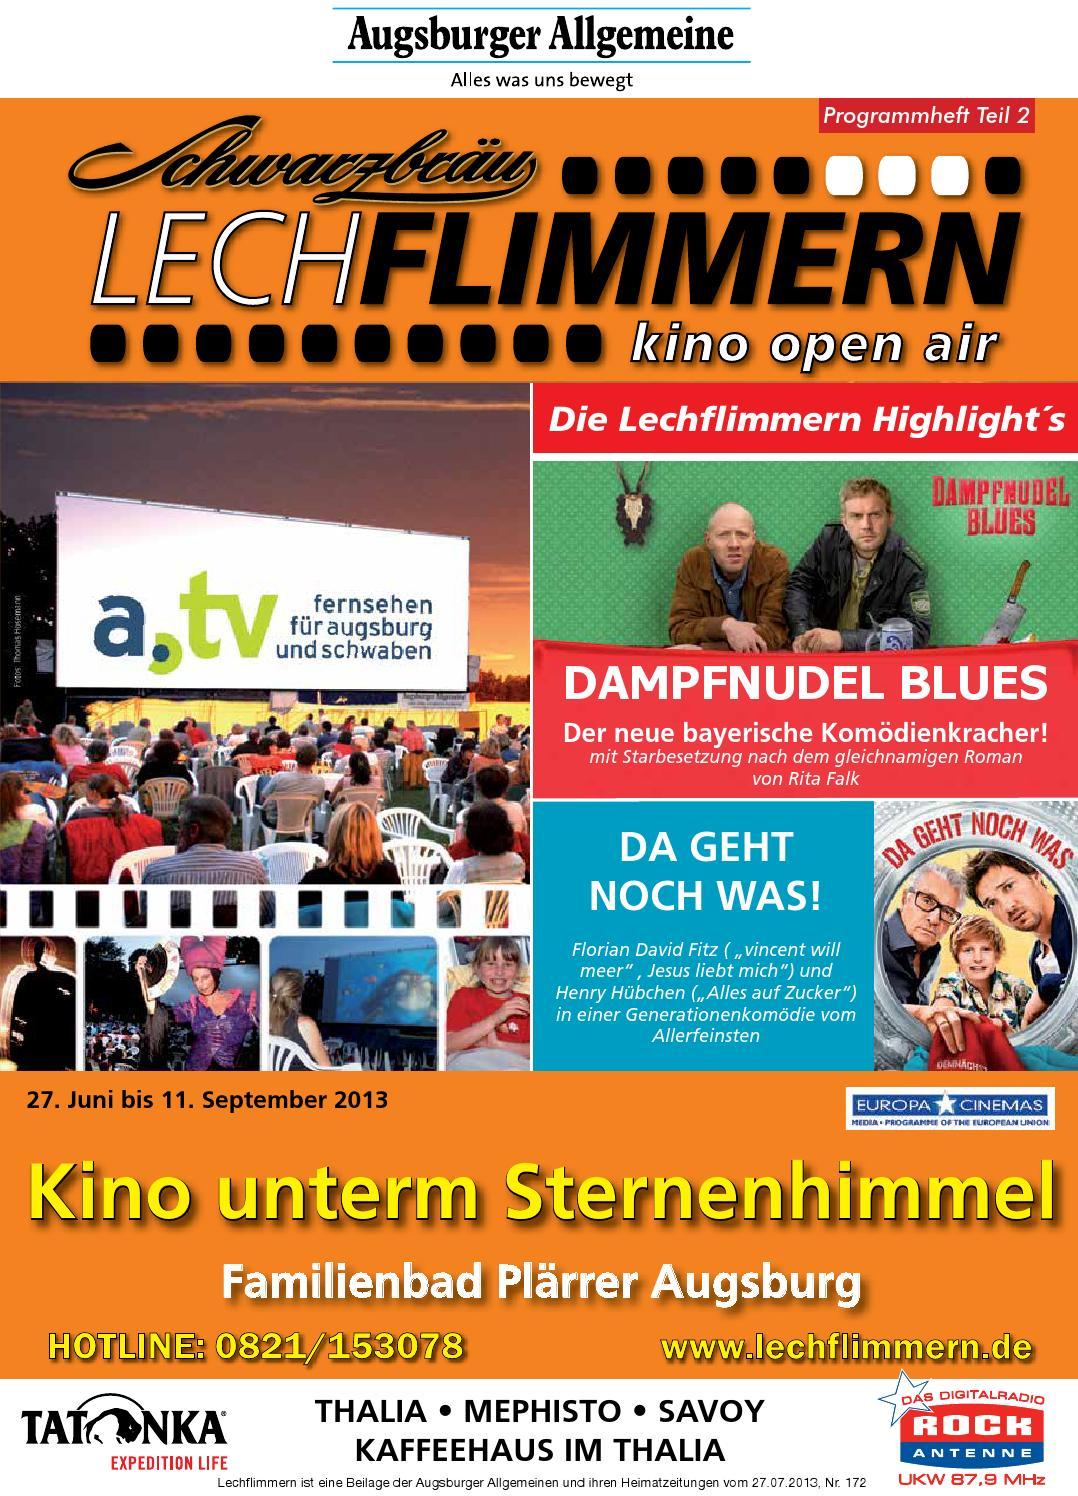 Lechflimmern Augsburg